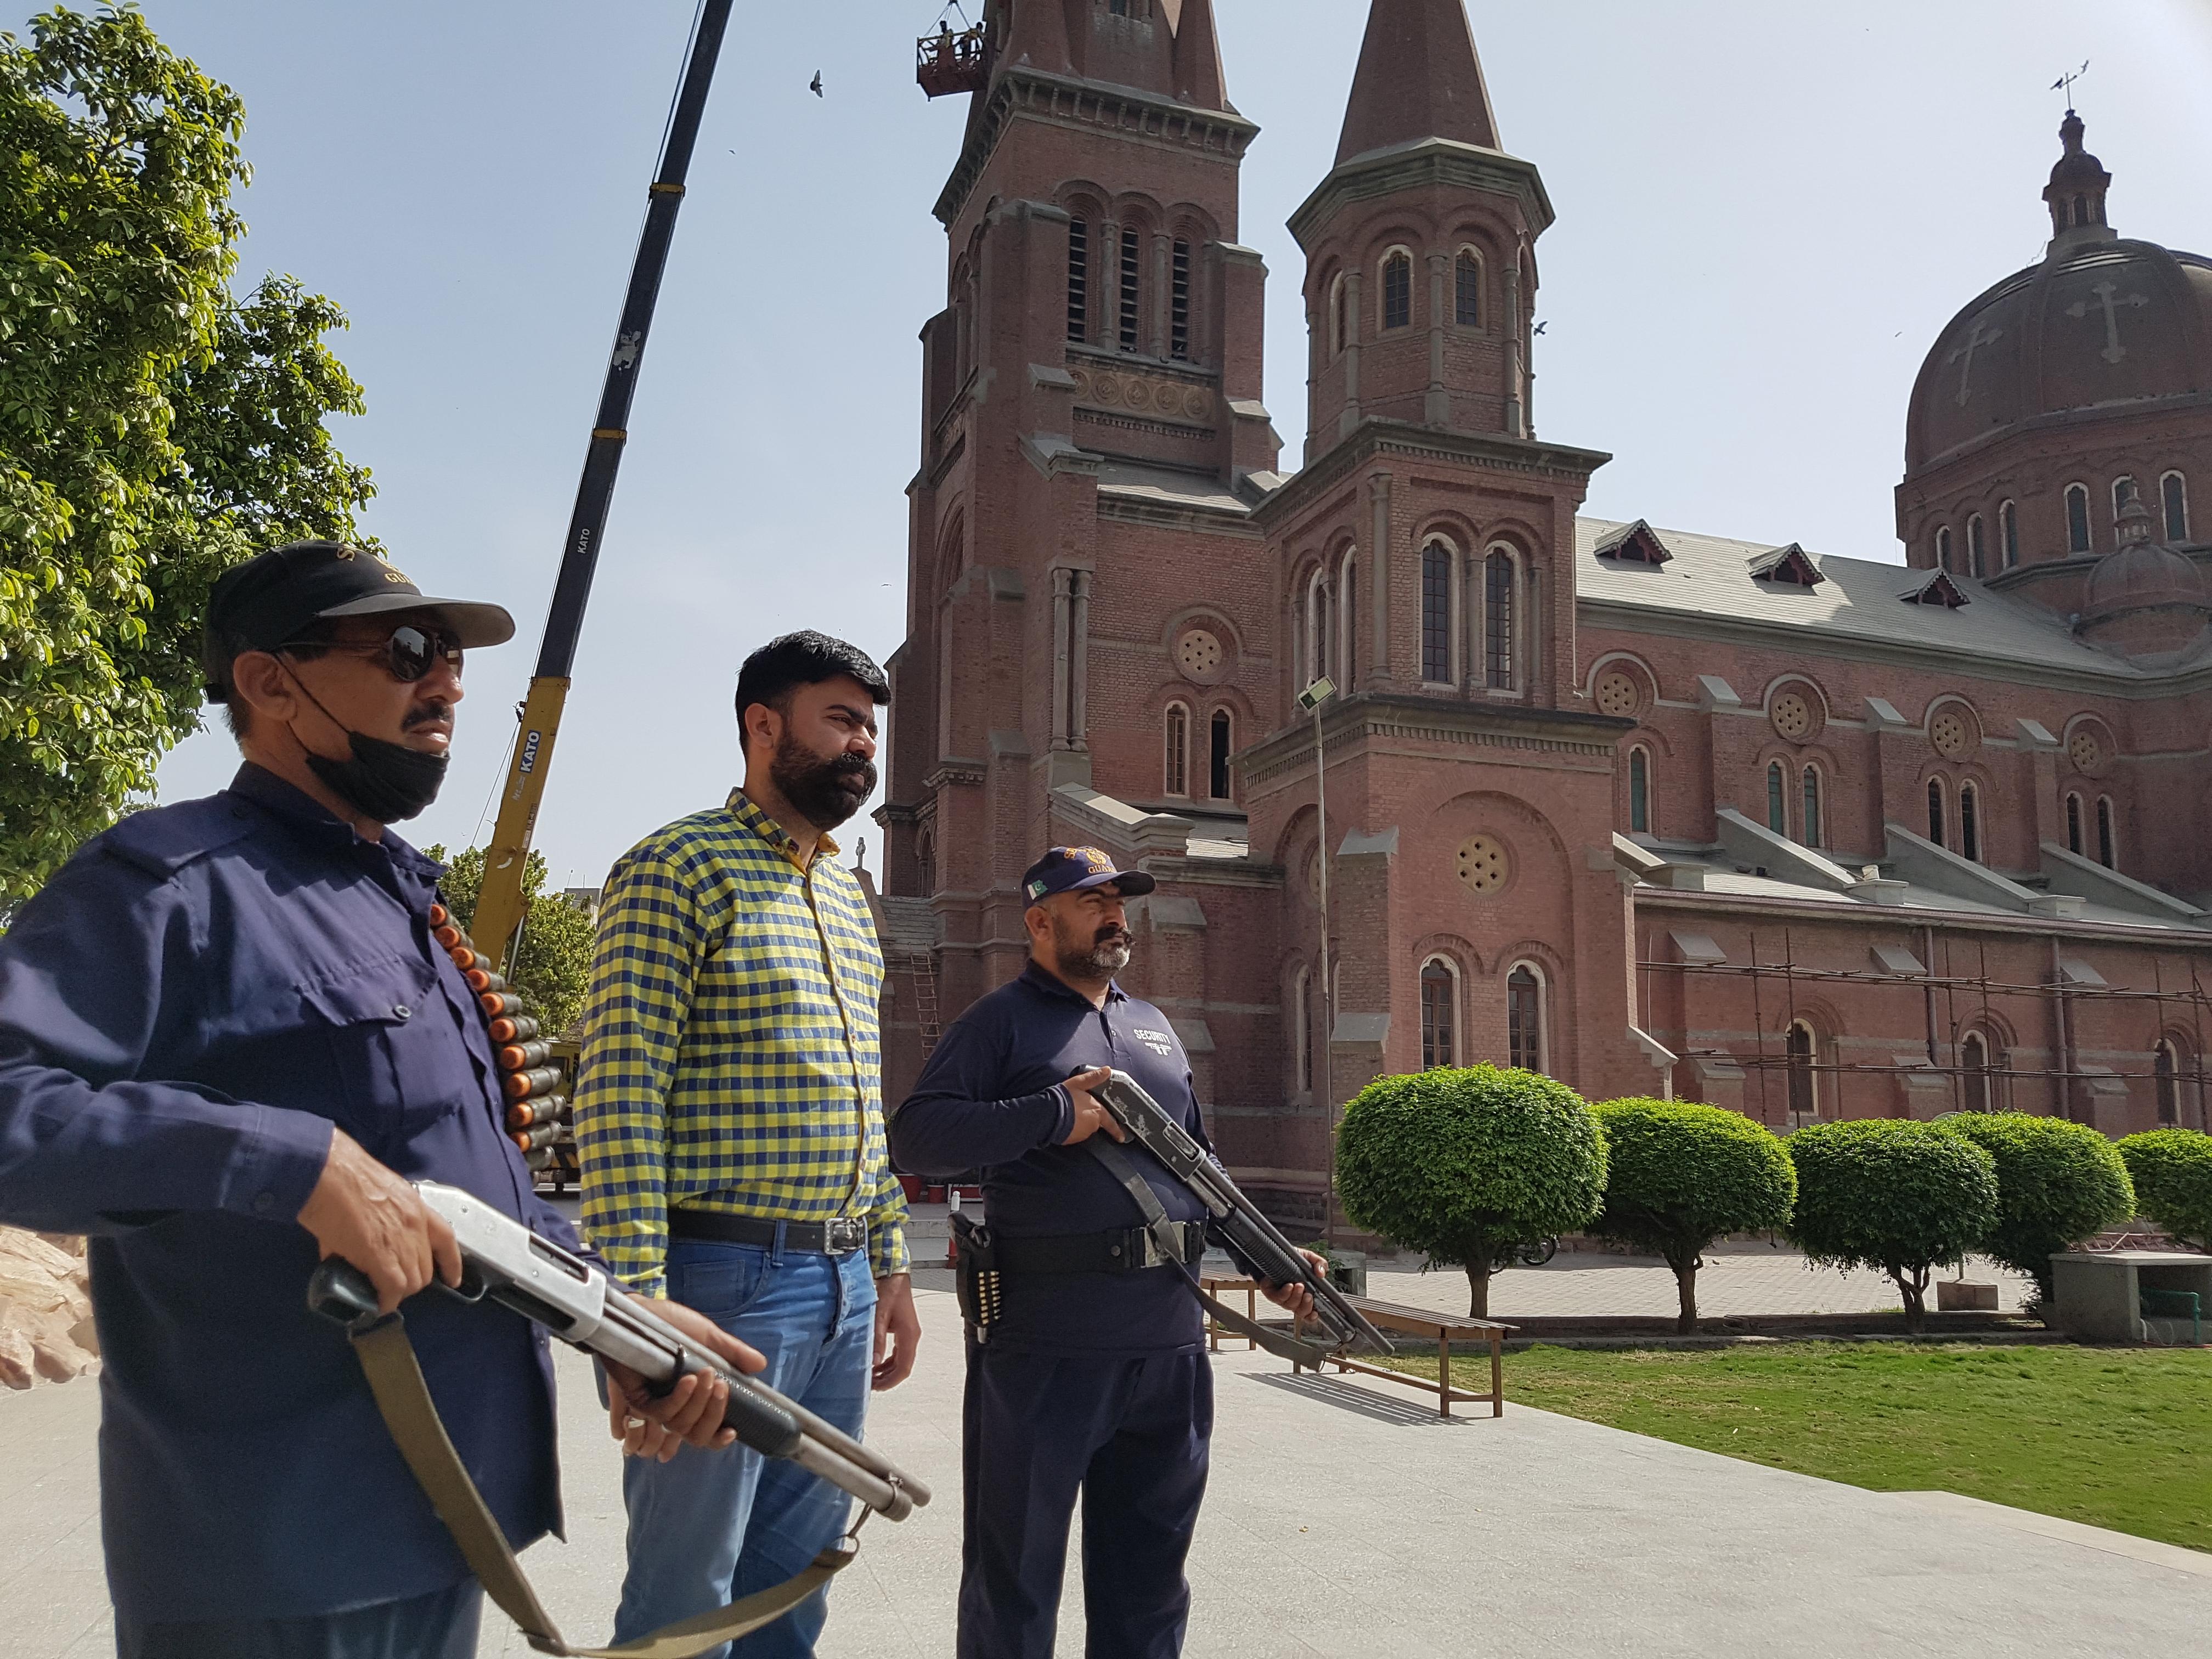 Católicos paquistaníes se ofrecen como voluntarios para proteger las iglesia